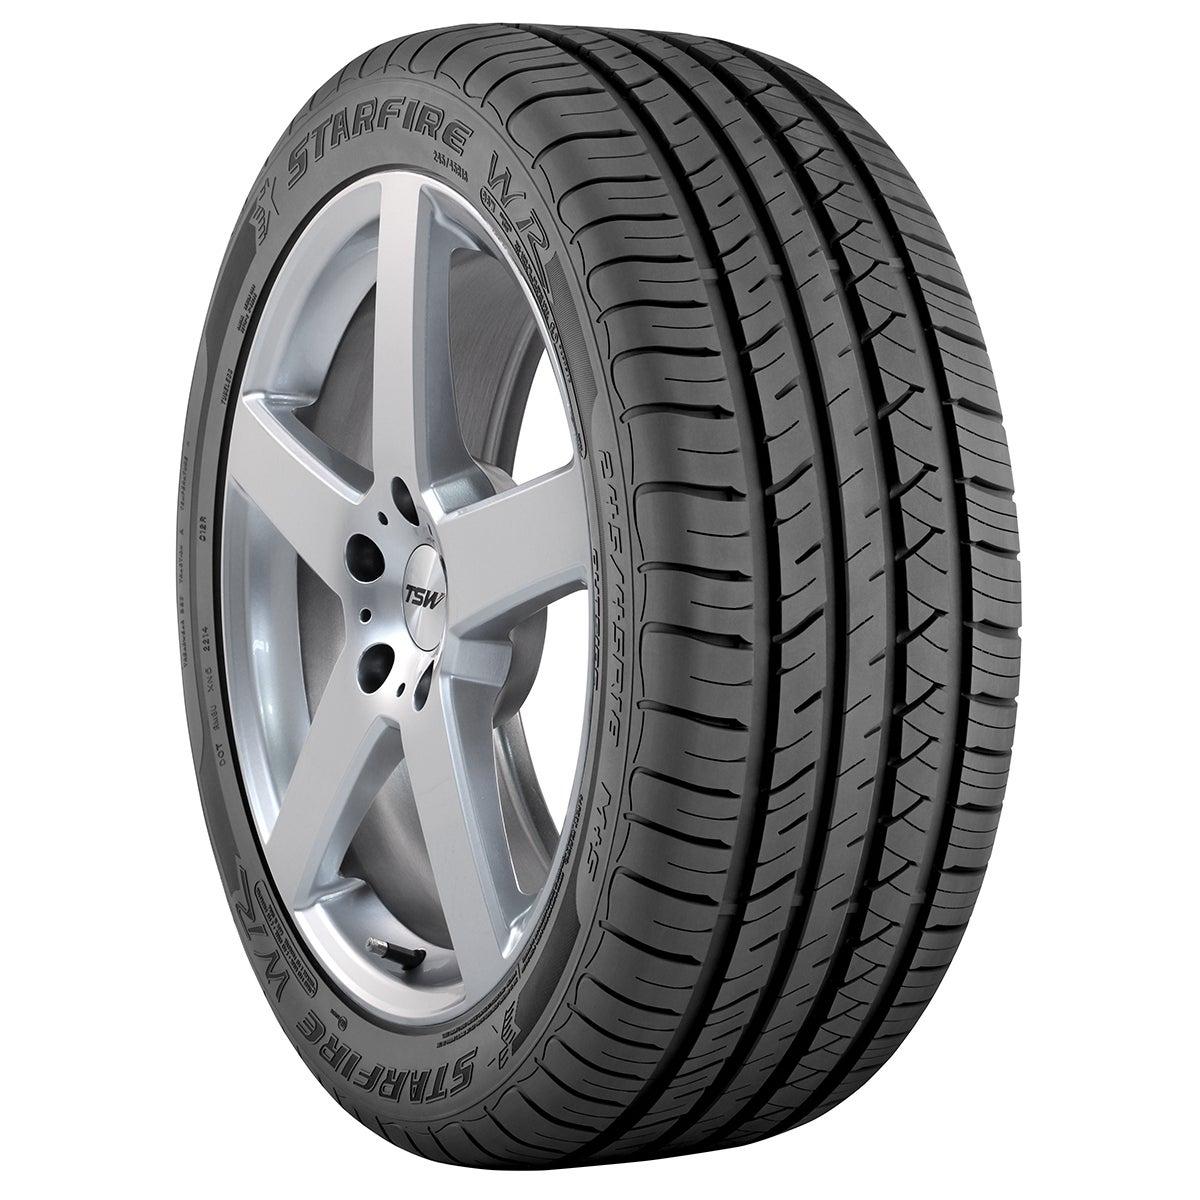 Starfire WR Performance Tire - 205/50R17 93W (Black)